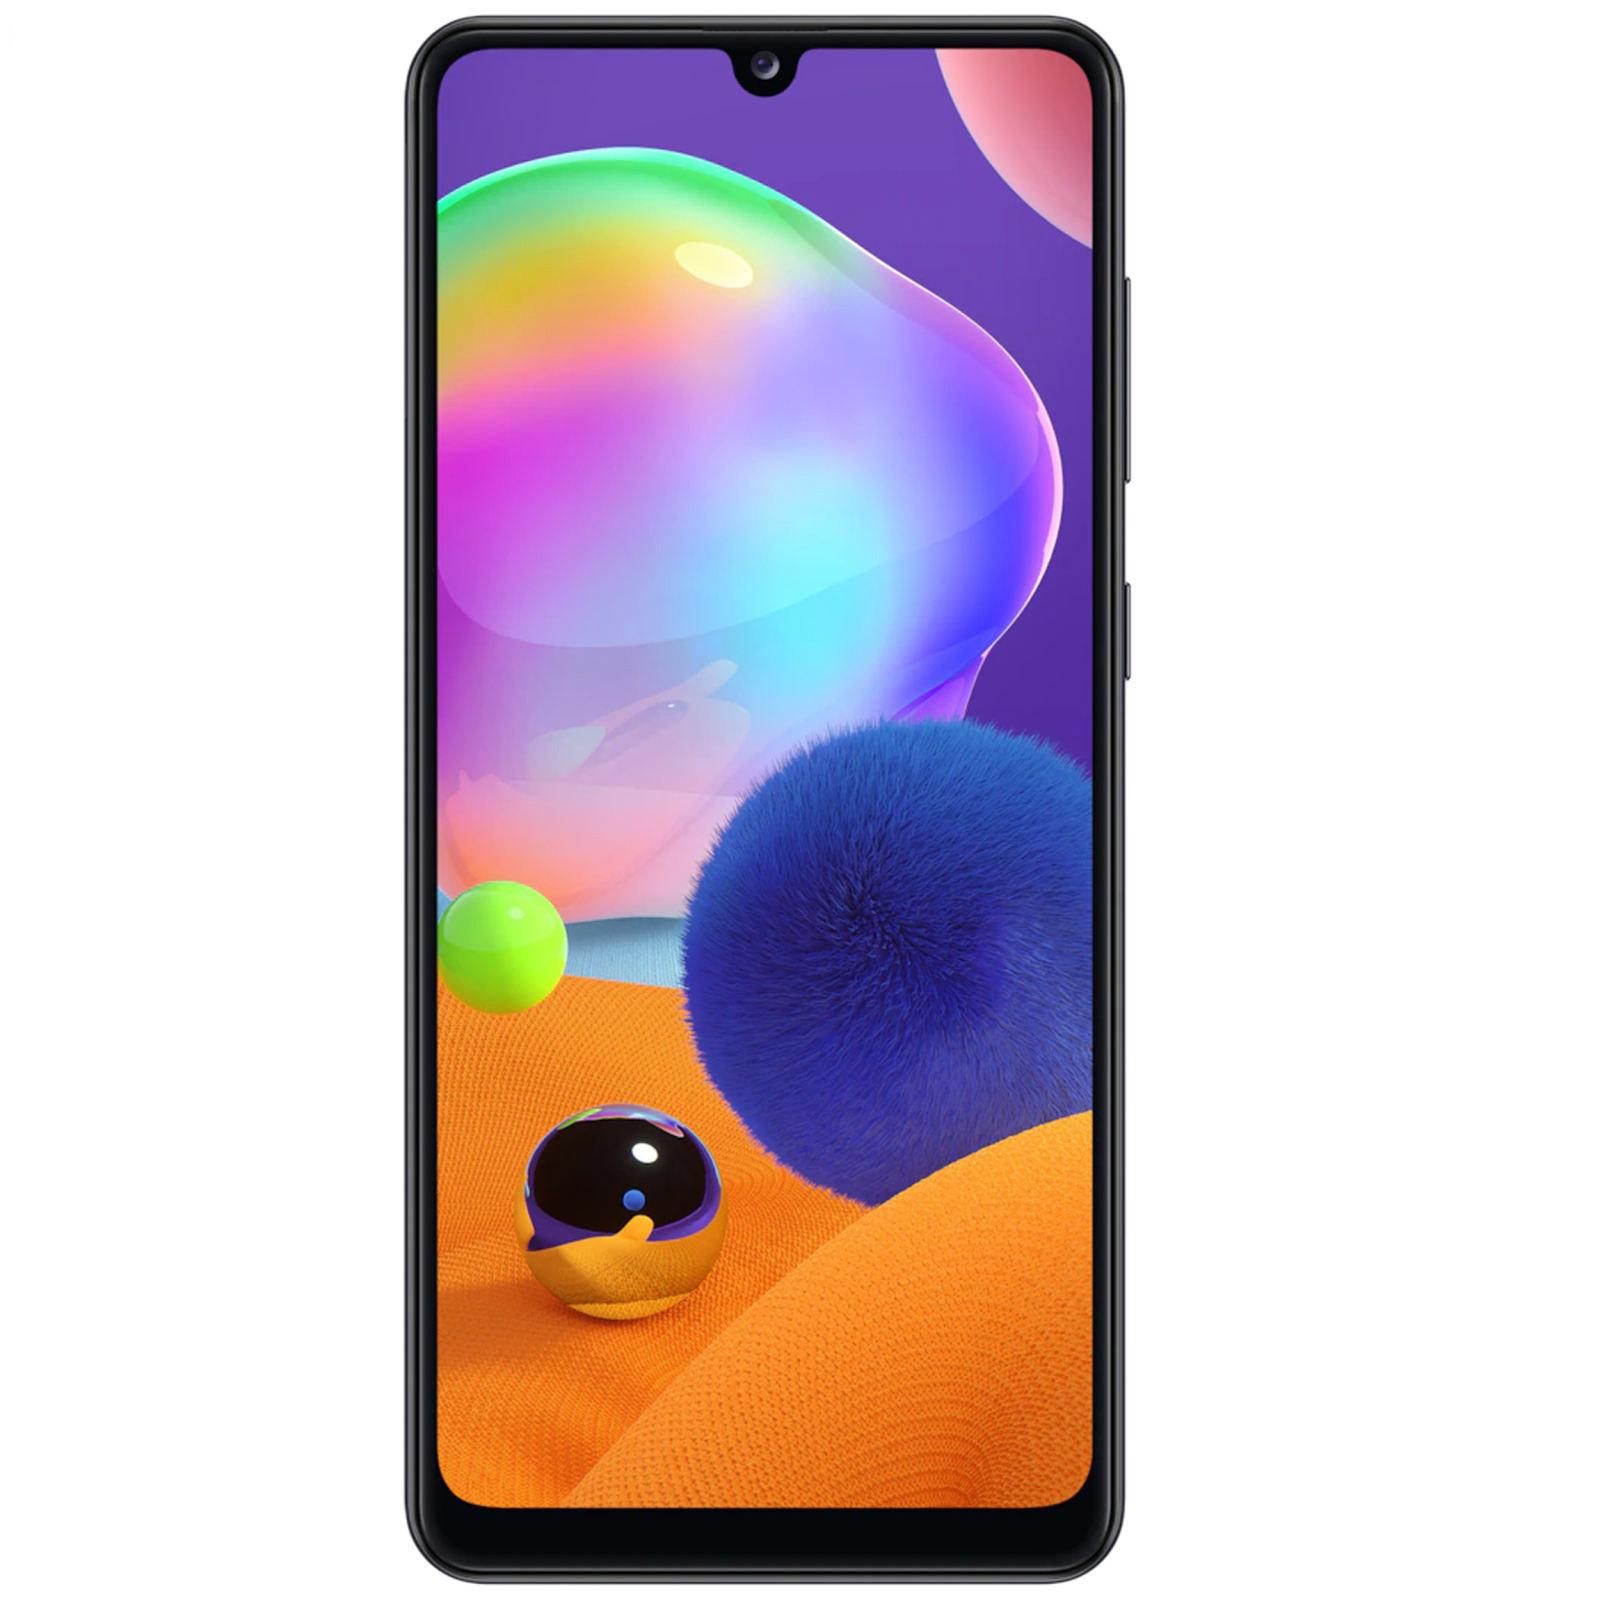 فروش نقدی یا اقسطی گوشی موبایل سامسونگ مدل Galaxy A31 دو سیم کارت ظرفیت 128 گیگابایت